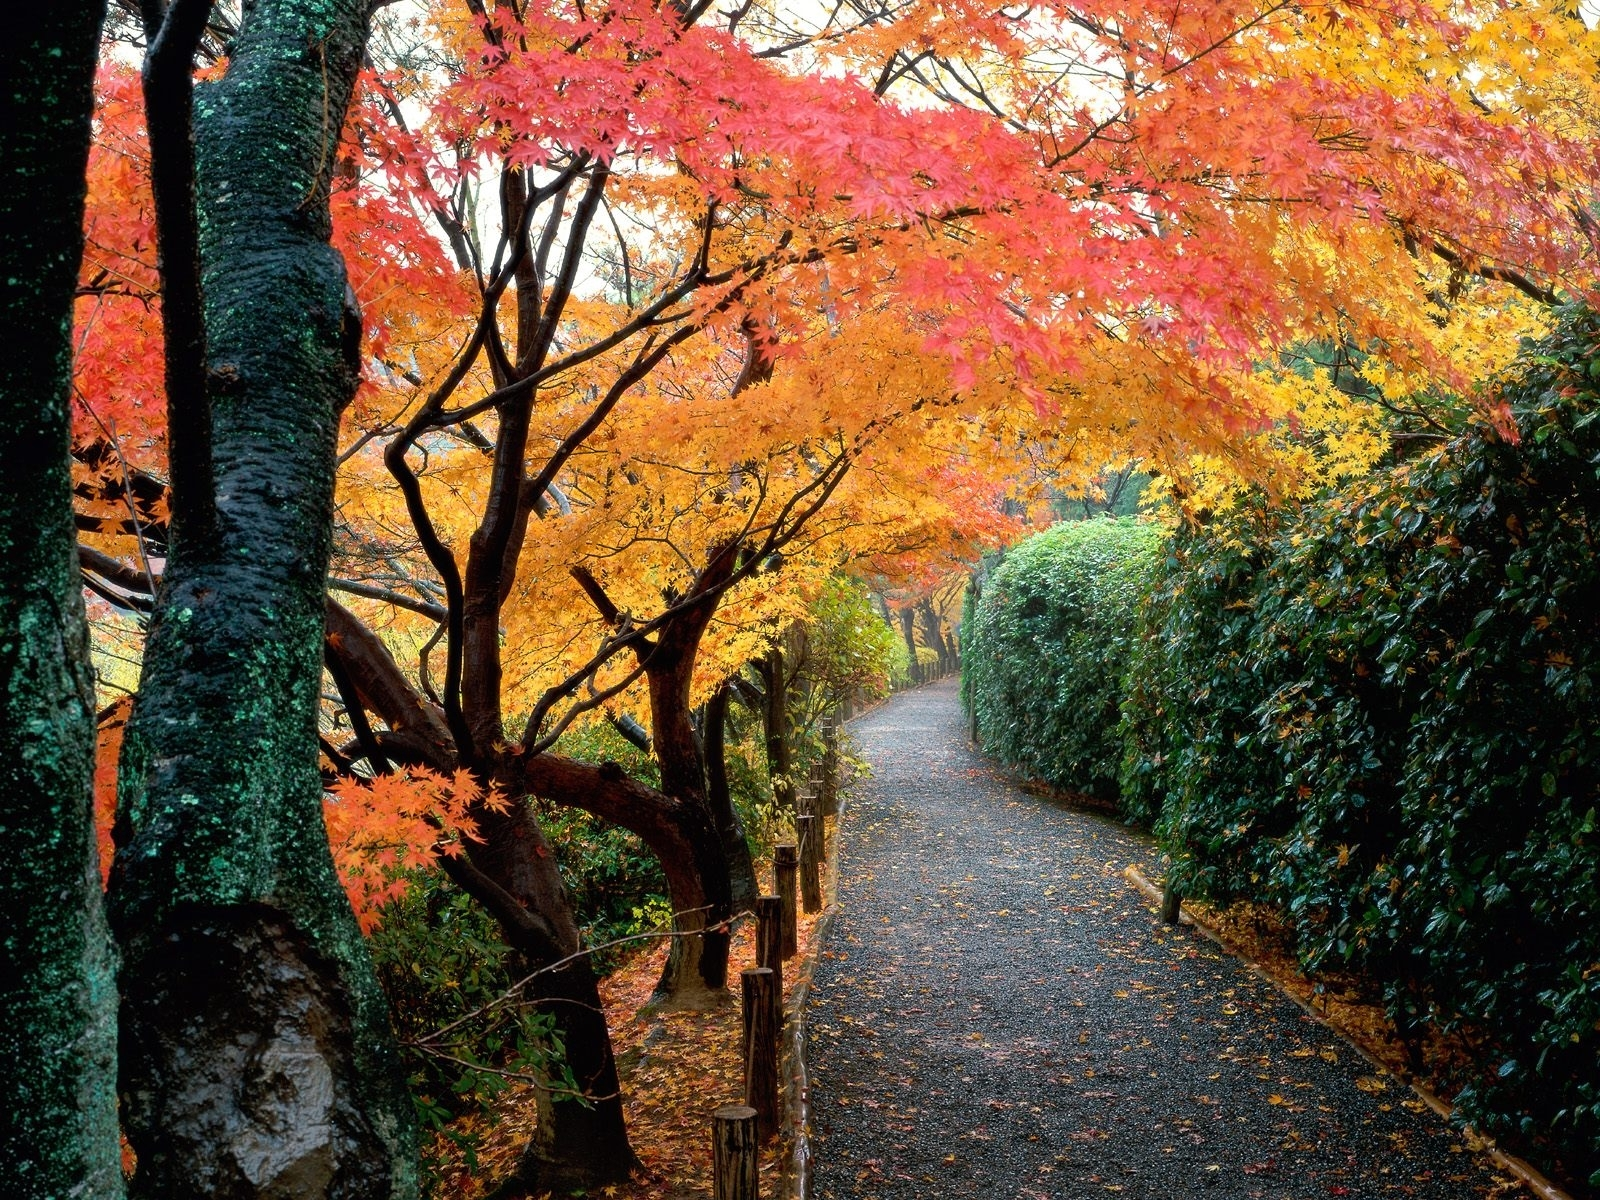 Скачать картинку Пейзаж, Деревья, Дороги, Осень в телефон бесплатно.